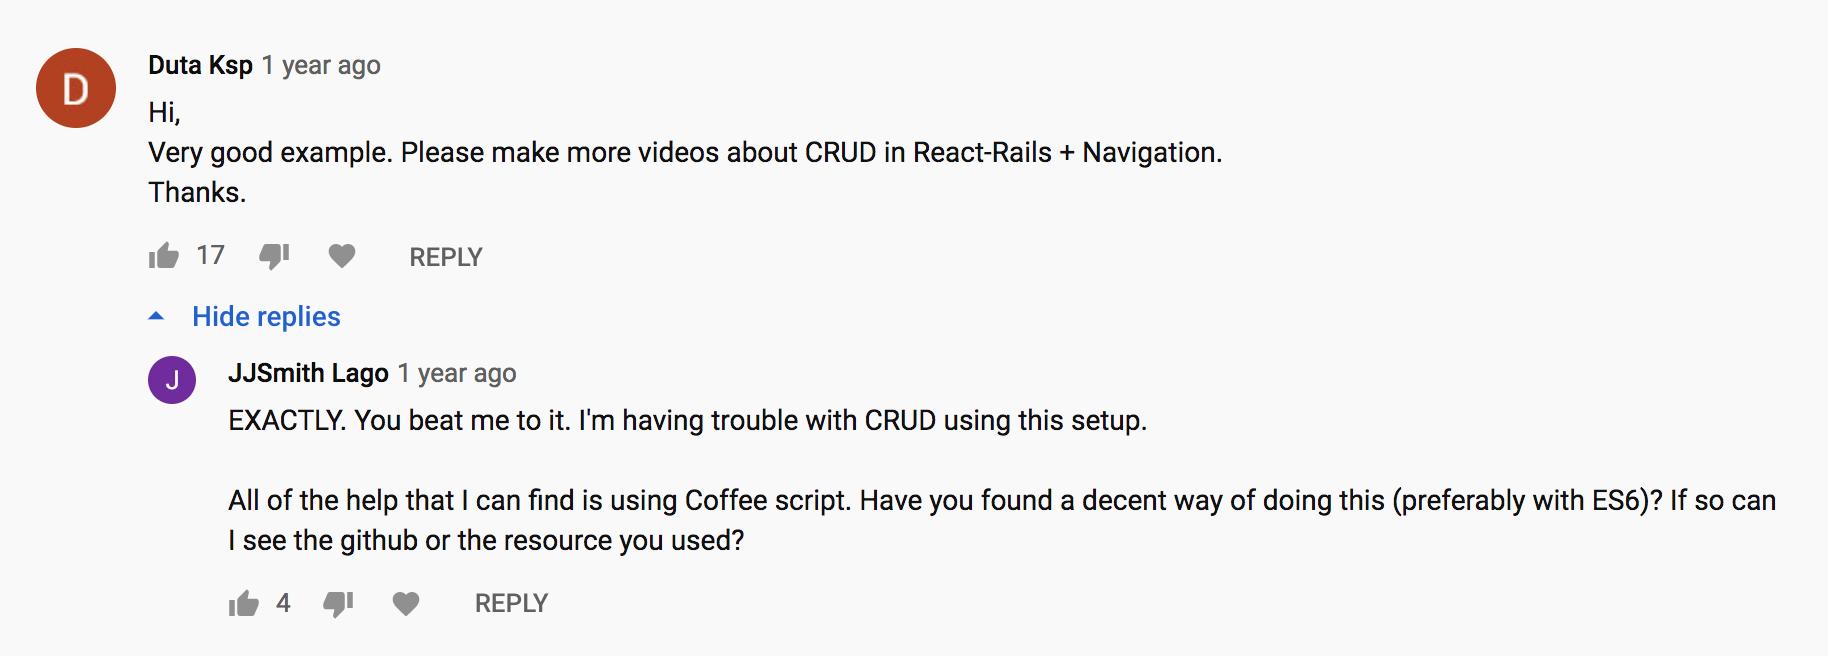 build-a-crud-app-comment-1